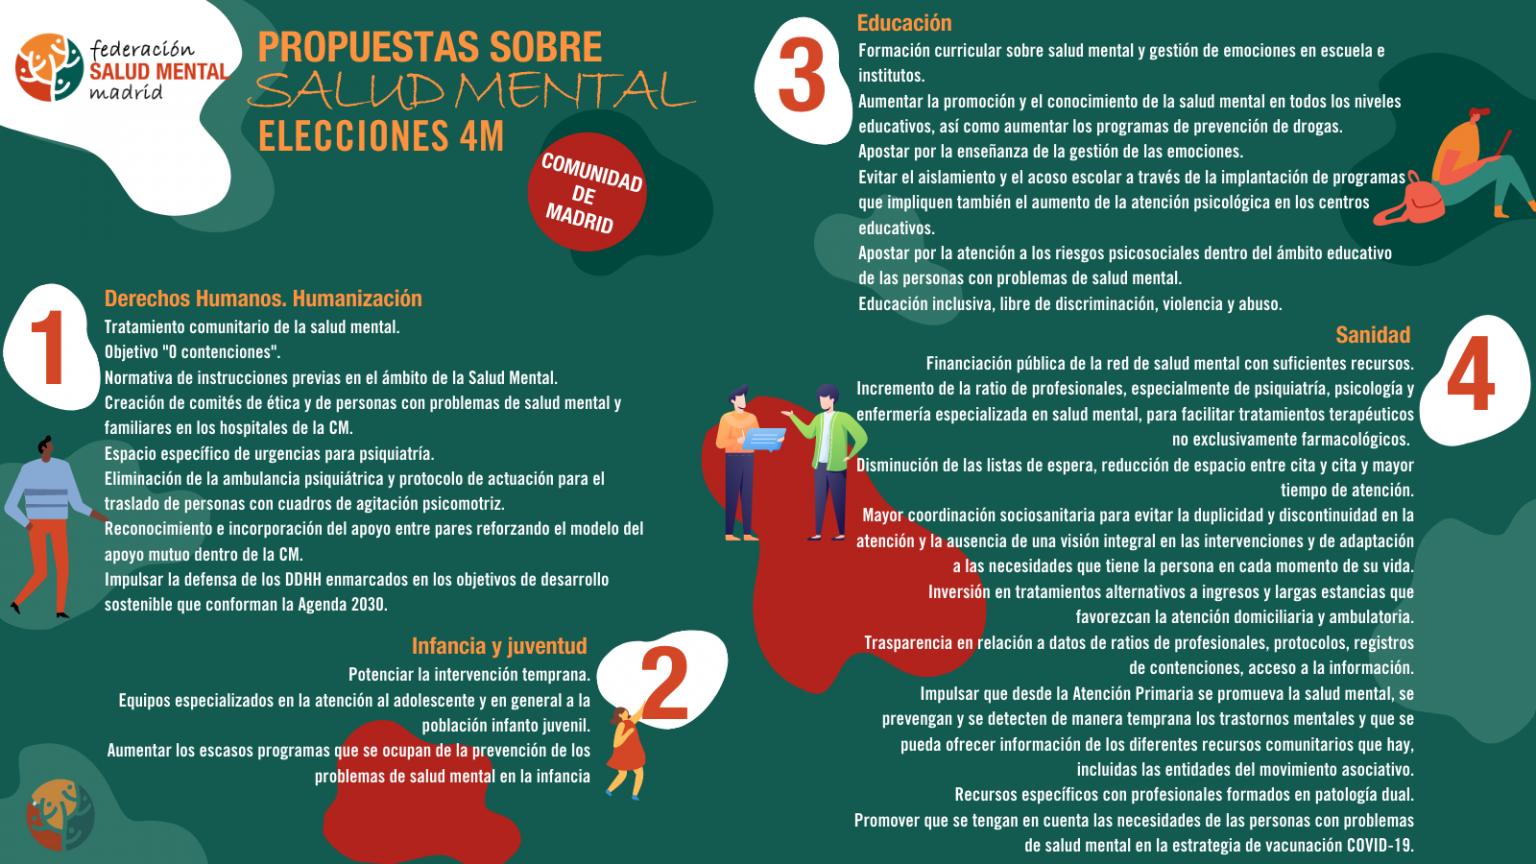 Propuestas Salud Mental Madrid elecciones